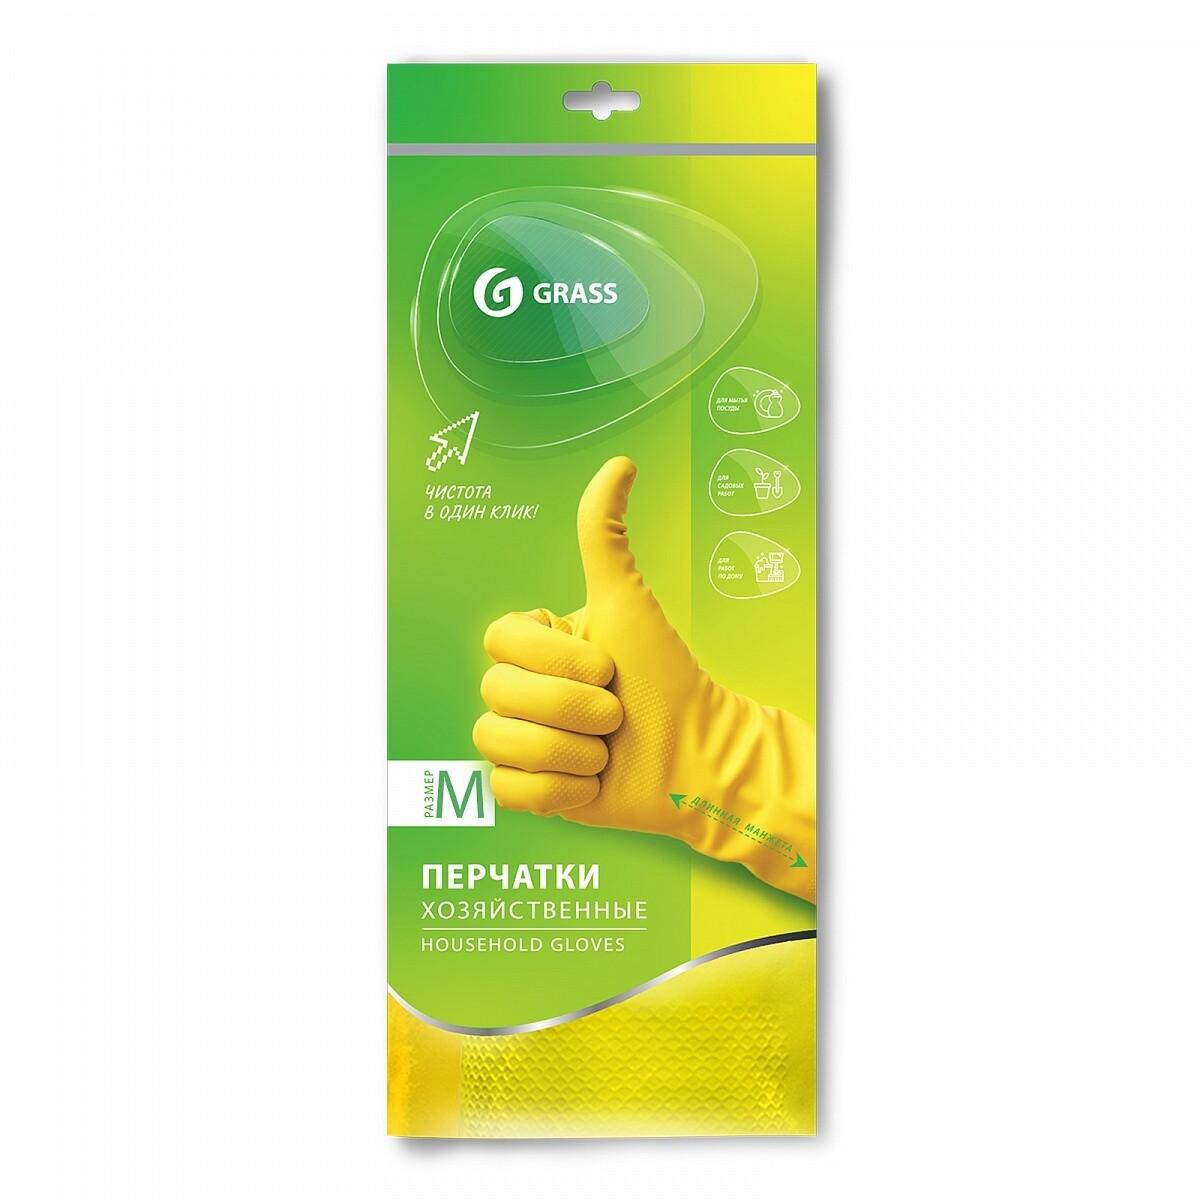 Перчатки хозяйственные латексные в индивидуальной упаковке, желтые, размер M (пара)